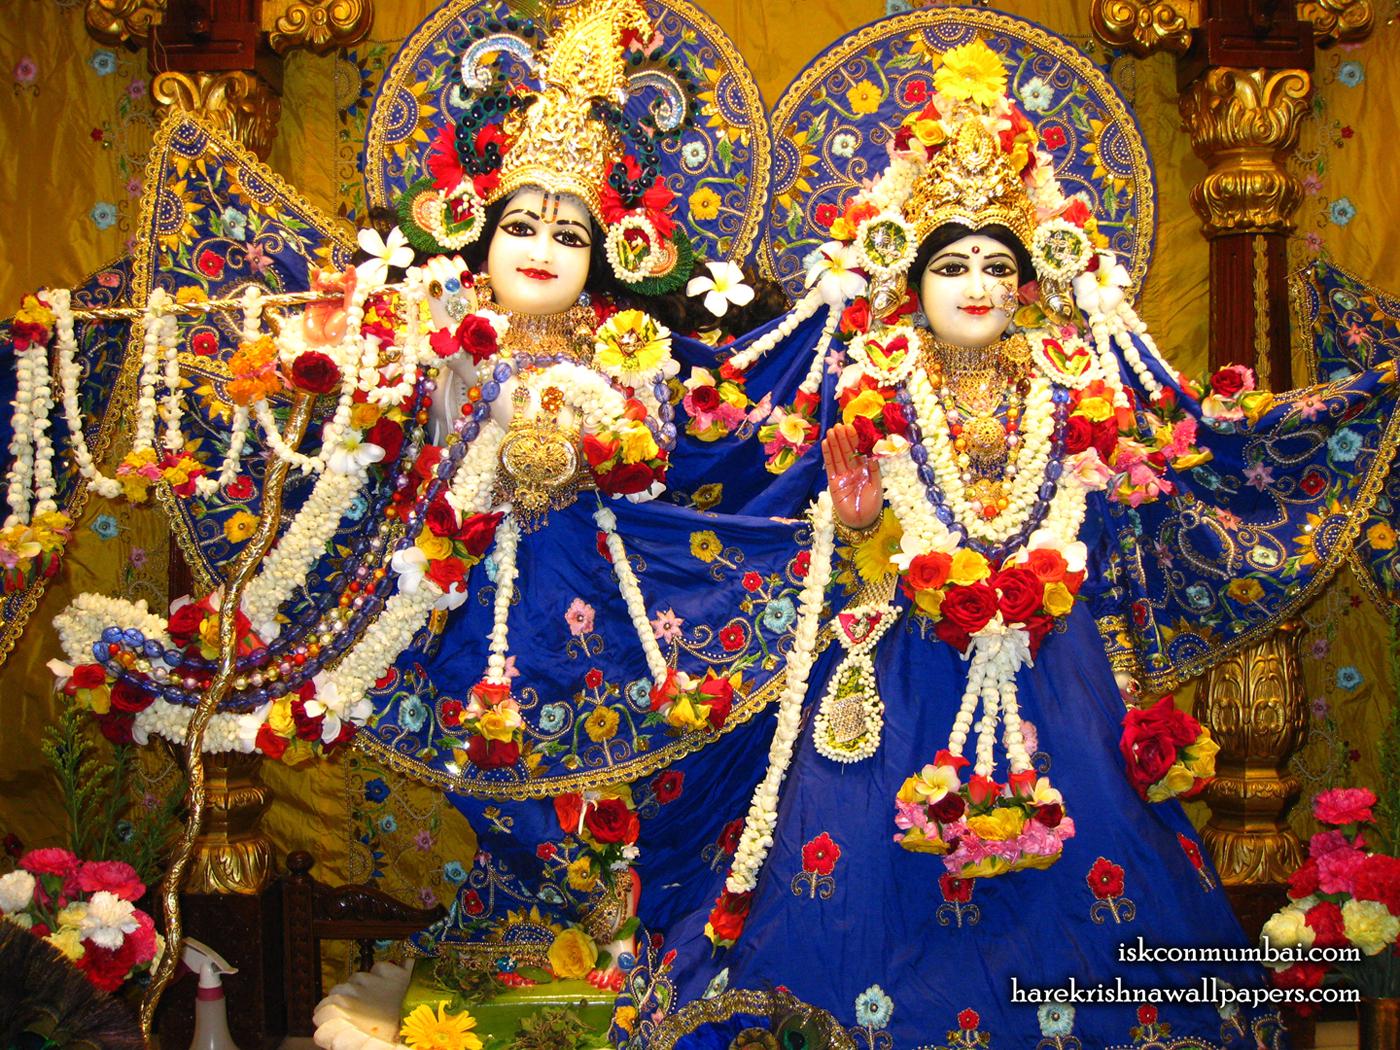 Sri Sri Radha Rasabihari Wallpaper (010) Size 1400x1050 Download